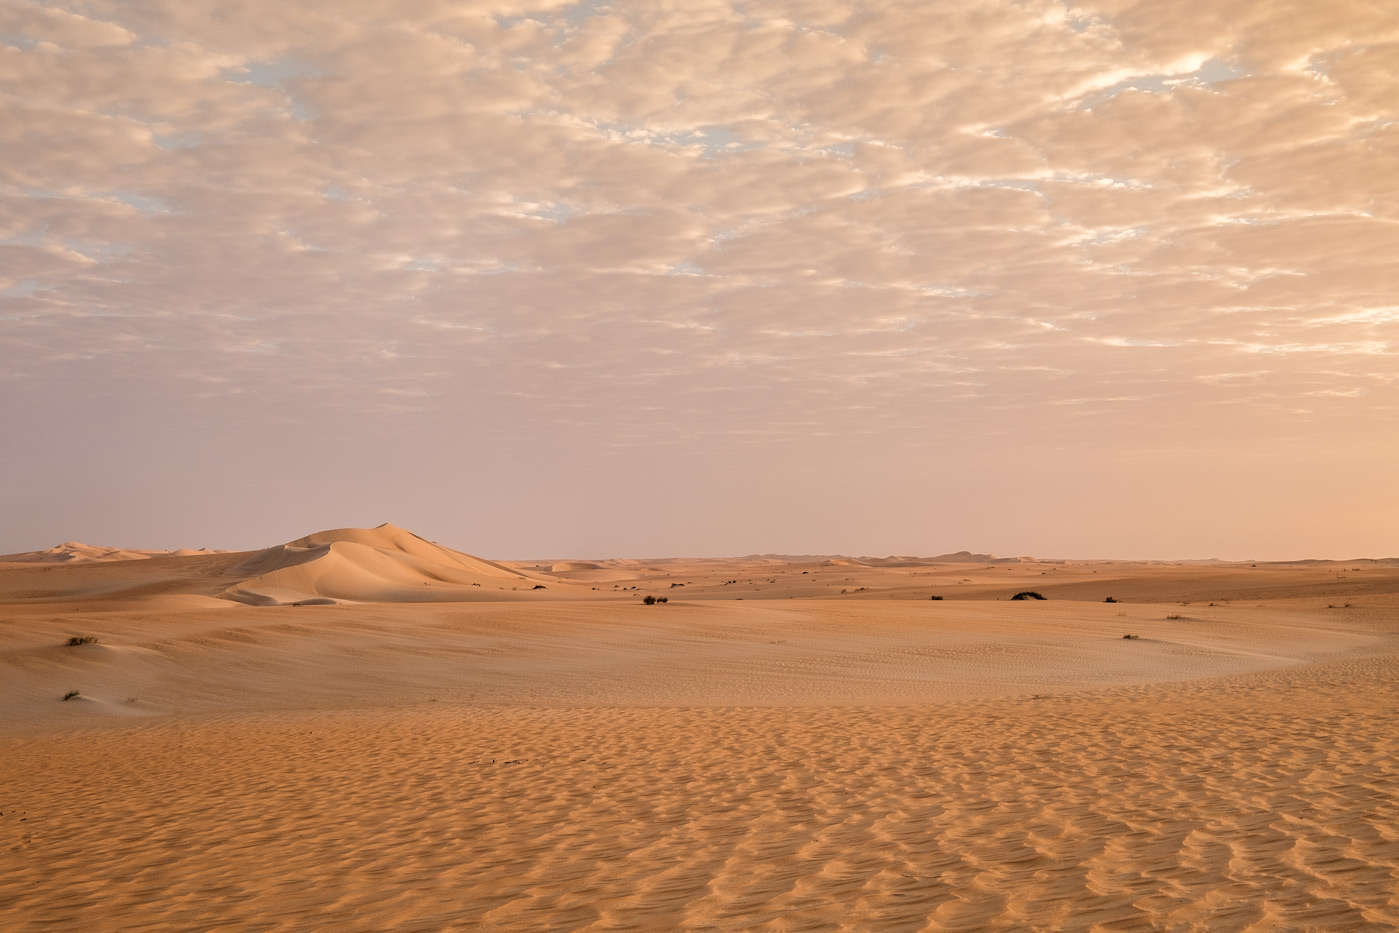 Rub_al_khali_sand_dunes_saudi_arabia_sim_davis.jpg